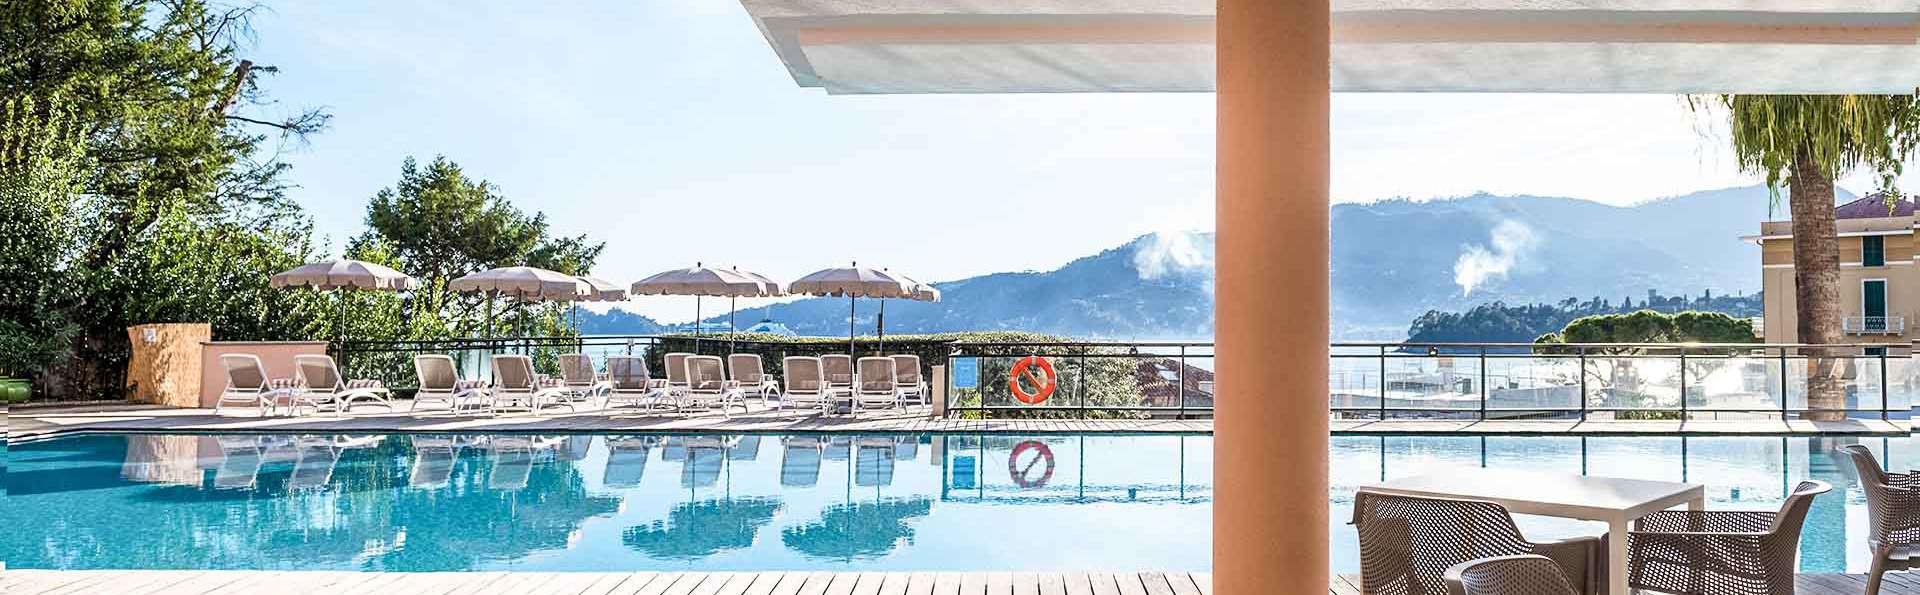 Grand Hotel Bristol Resort & Spa - EDIT_PAIOLATO_PISCINA_01.jpg